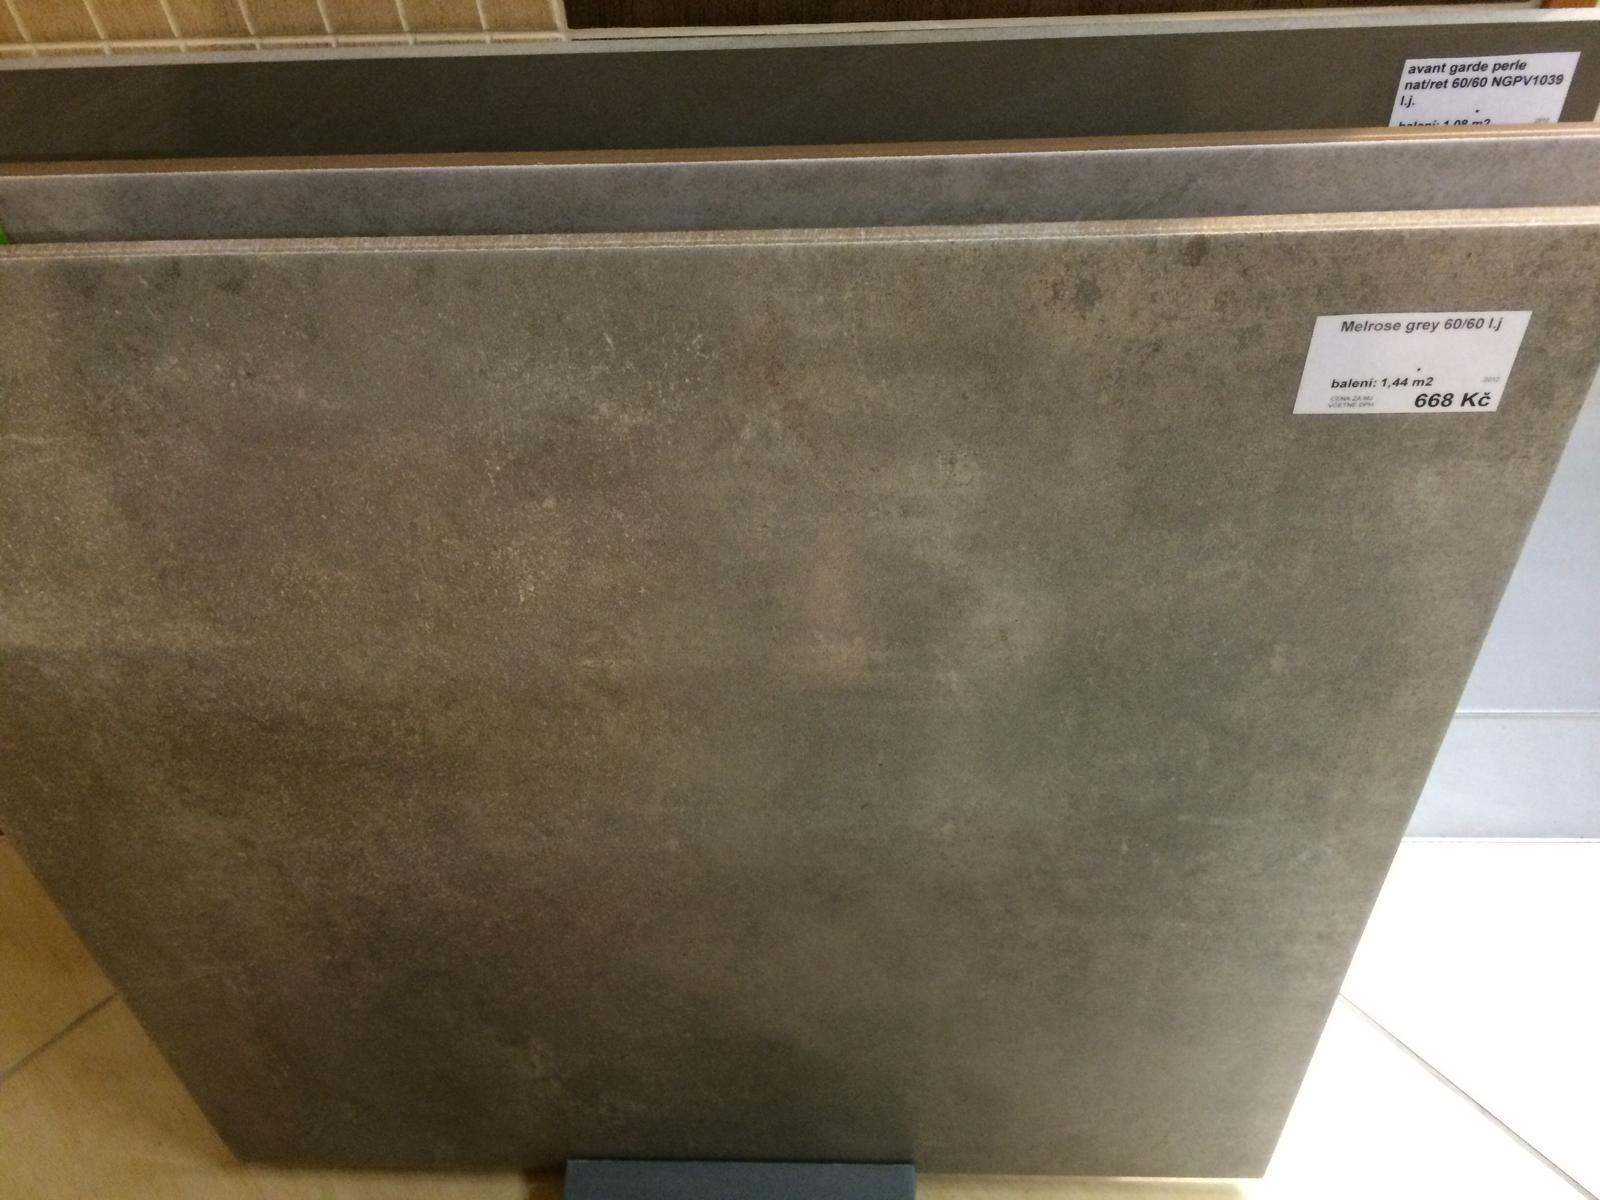 Splněný sen ... domeček - Vybrana dlazba za kuchynskou linku - ten beton vypada luxusne :) uz jenom naplanovat tu kuchyn ...